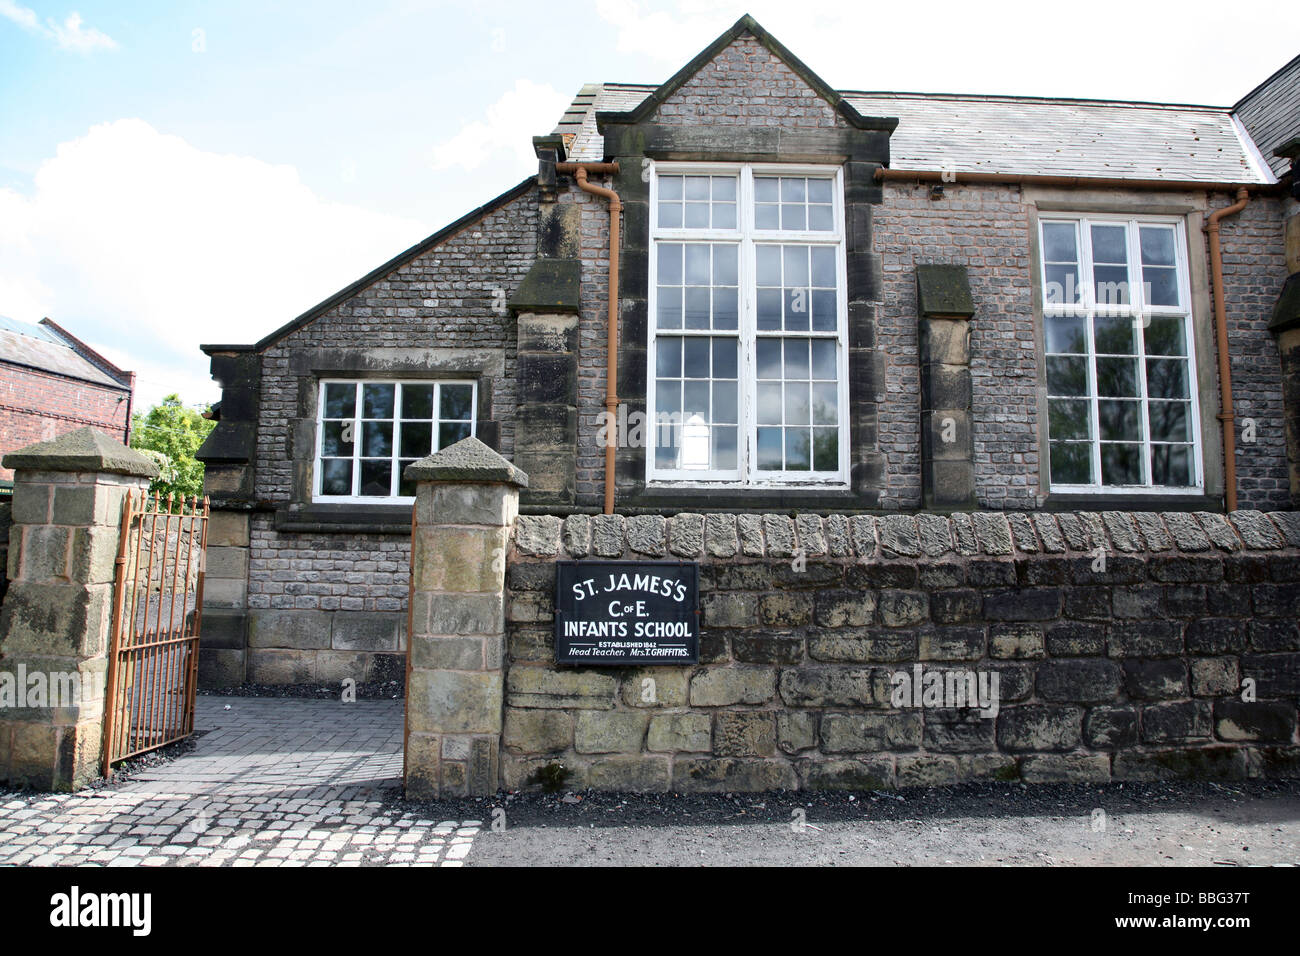 Victorian period infants school rebuilt in open air museum, W Midlands - Stock Image